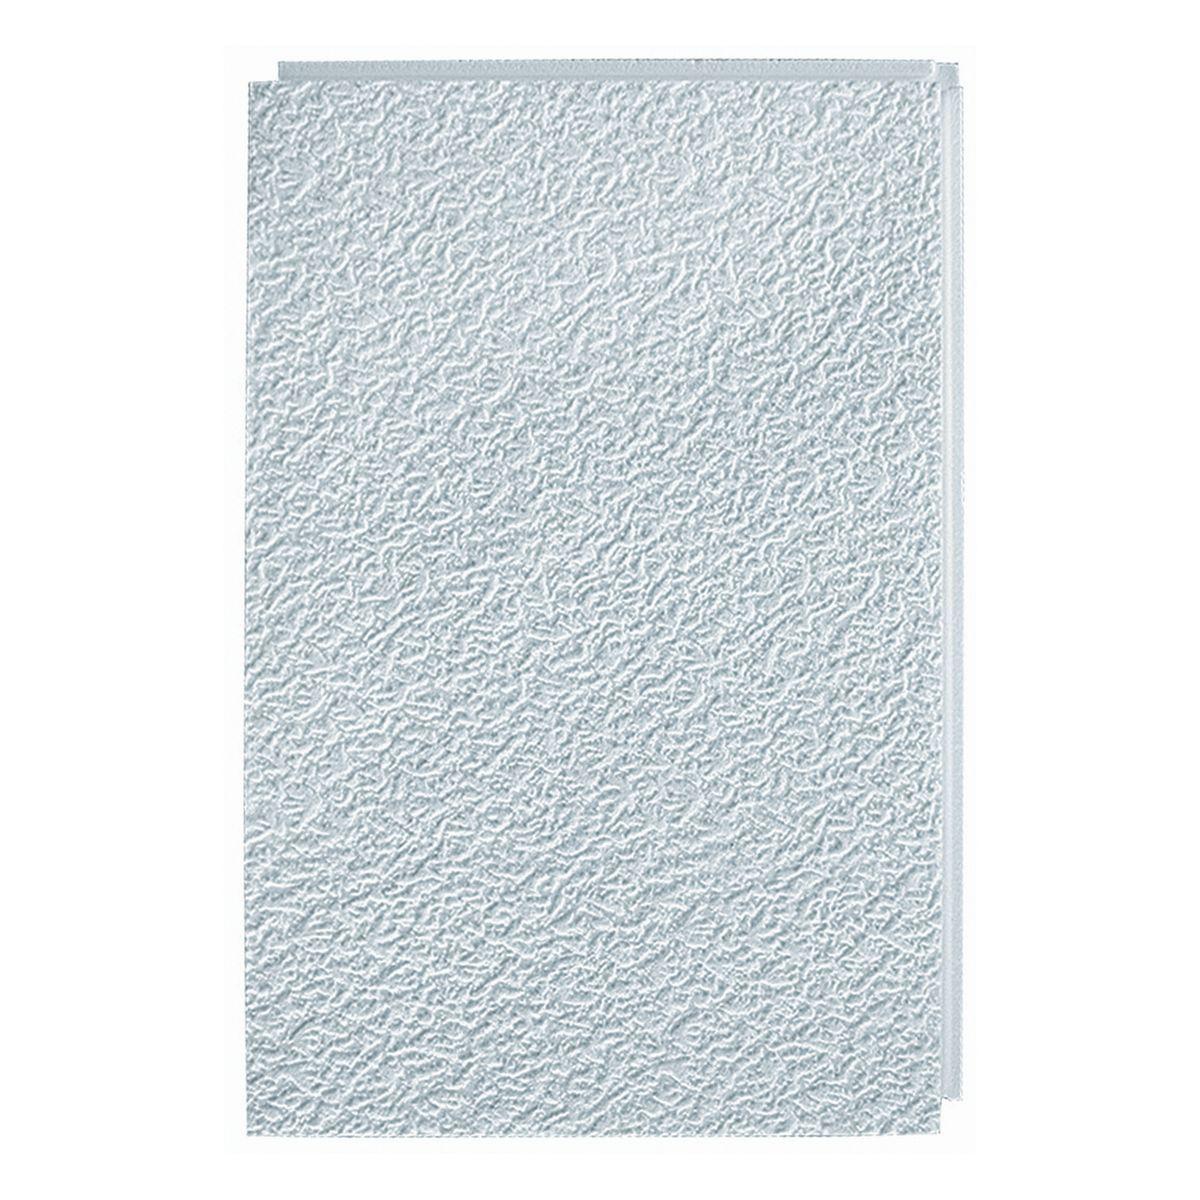 Pannelli isolanti in polistirene l 58 cm x h 38 cm for Pannelli controsoffitto leroy merlin